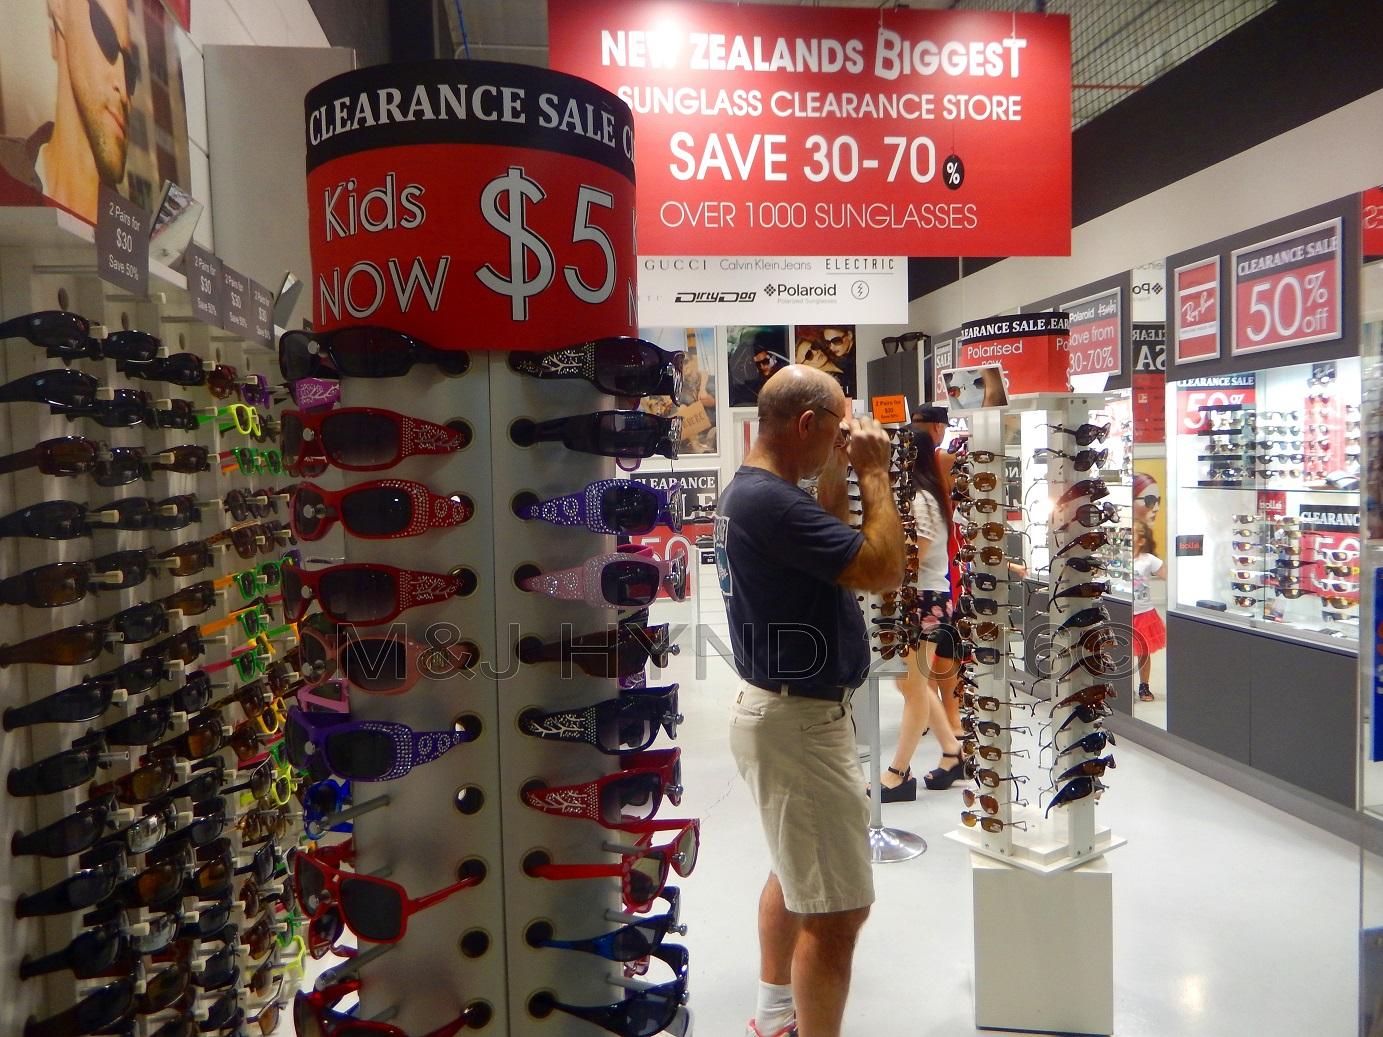 sunglasses, Dress Smart outlet mall, Onehunga, NZ